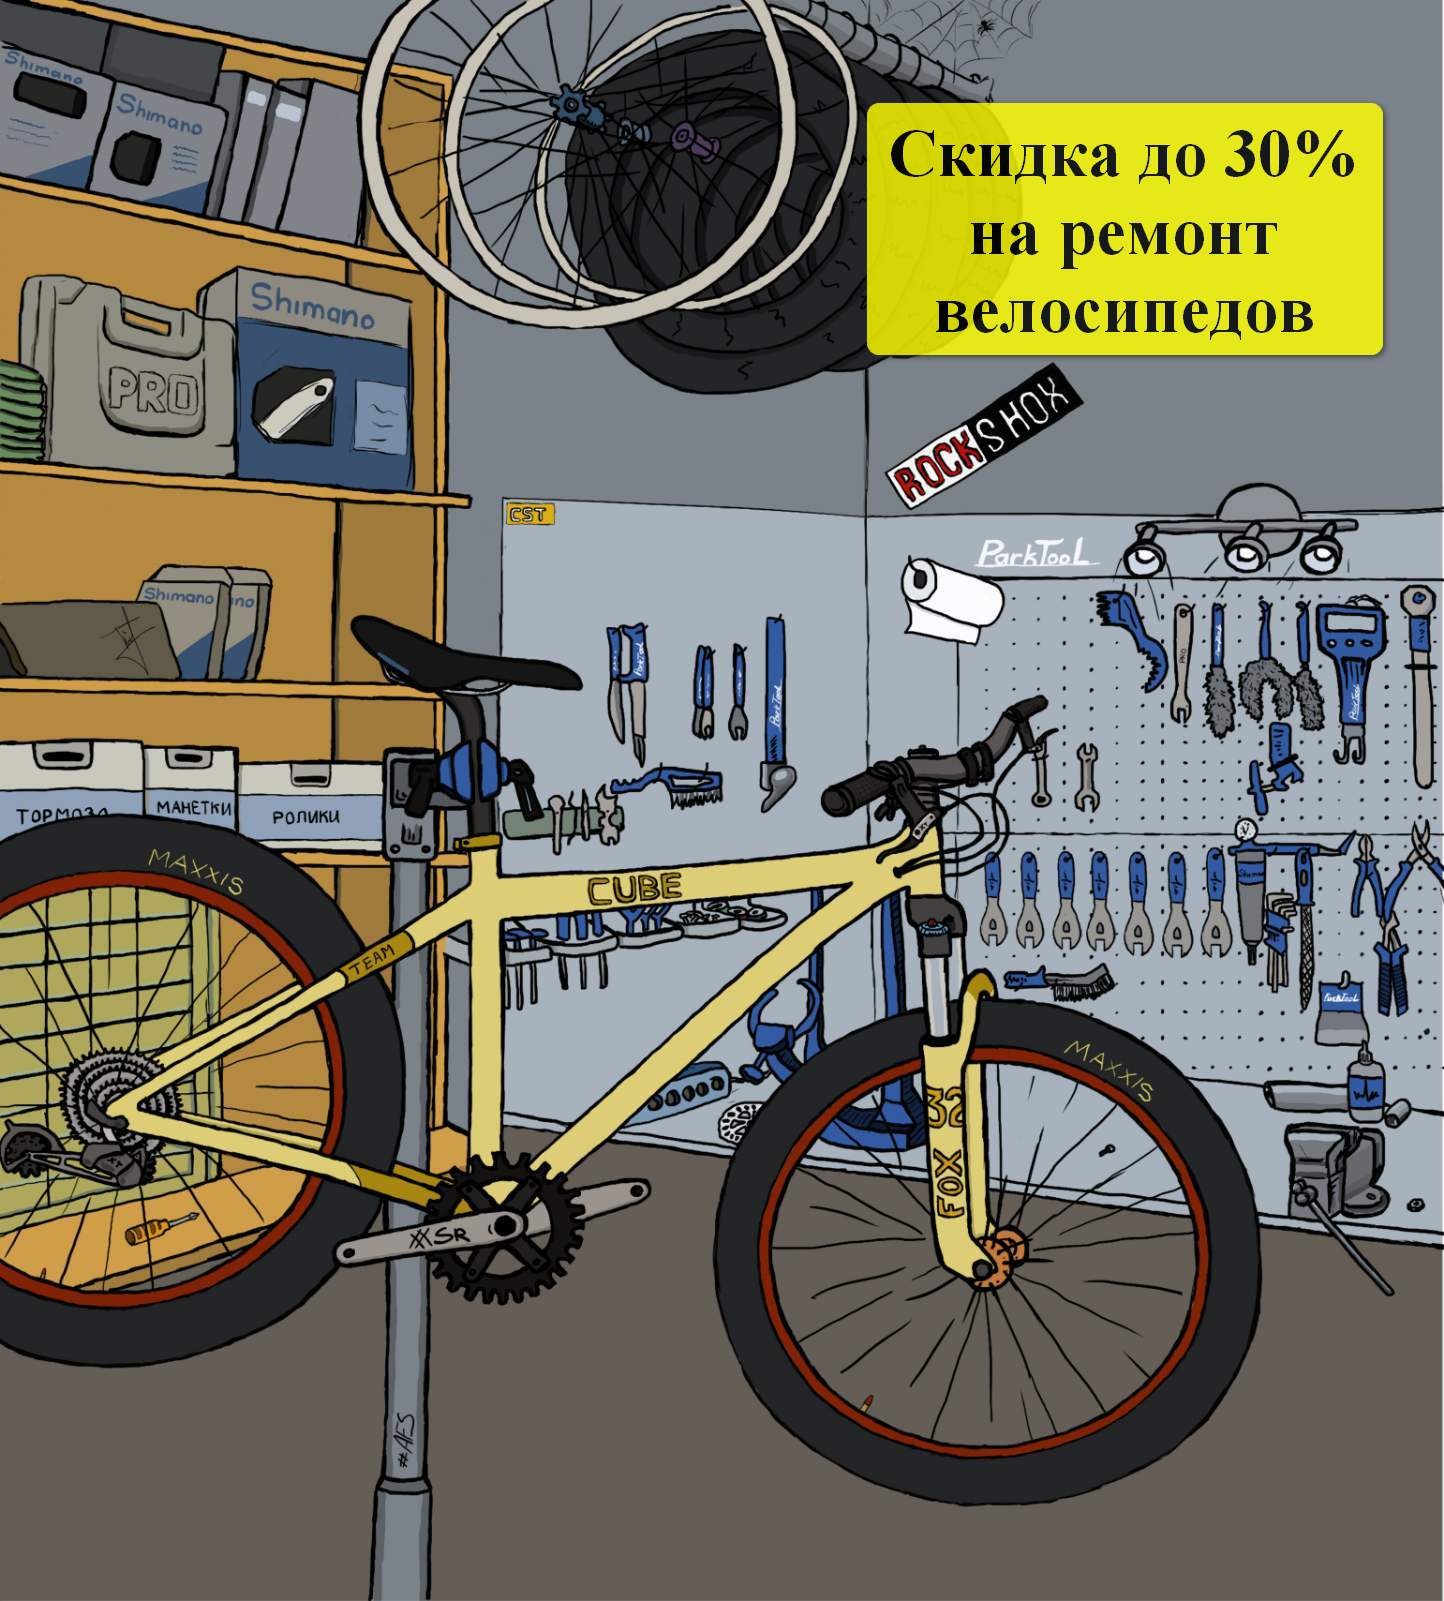 Ремонт велосипедов со скидкой в Минске